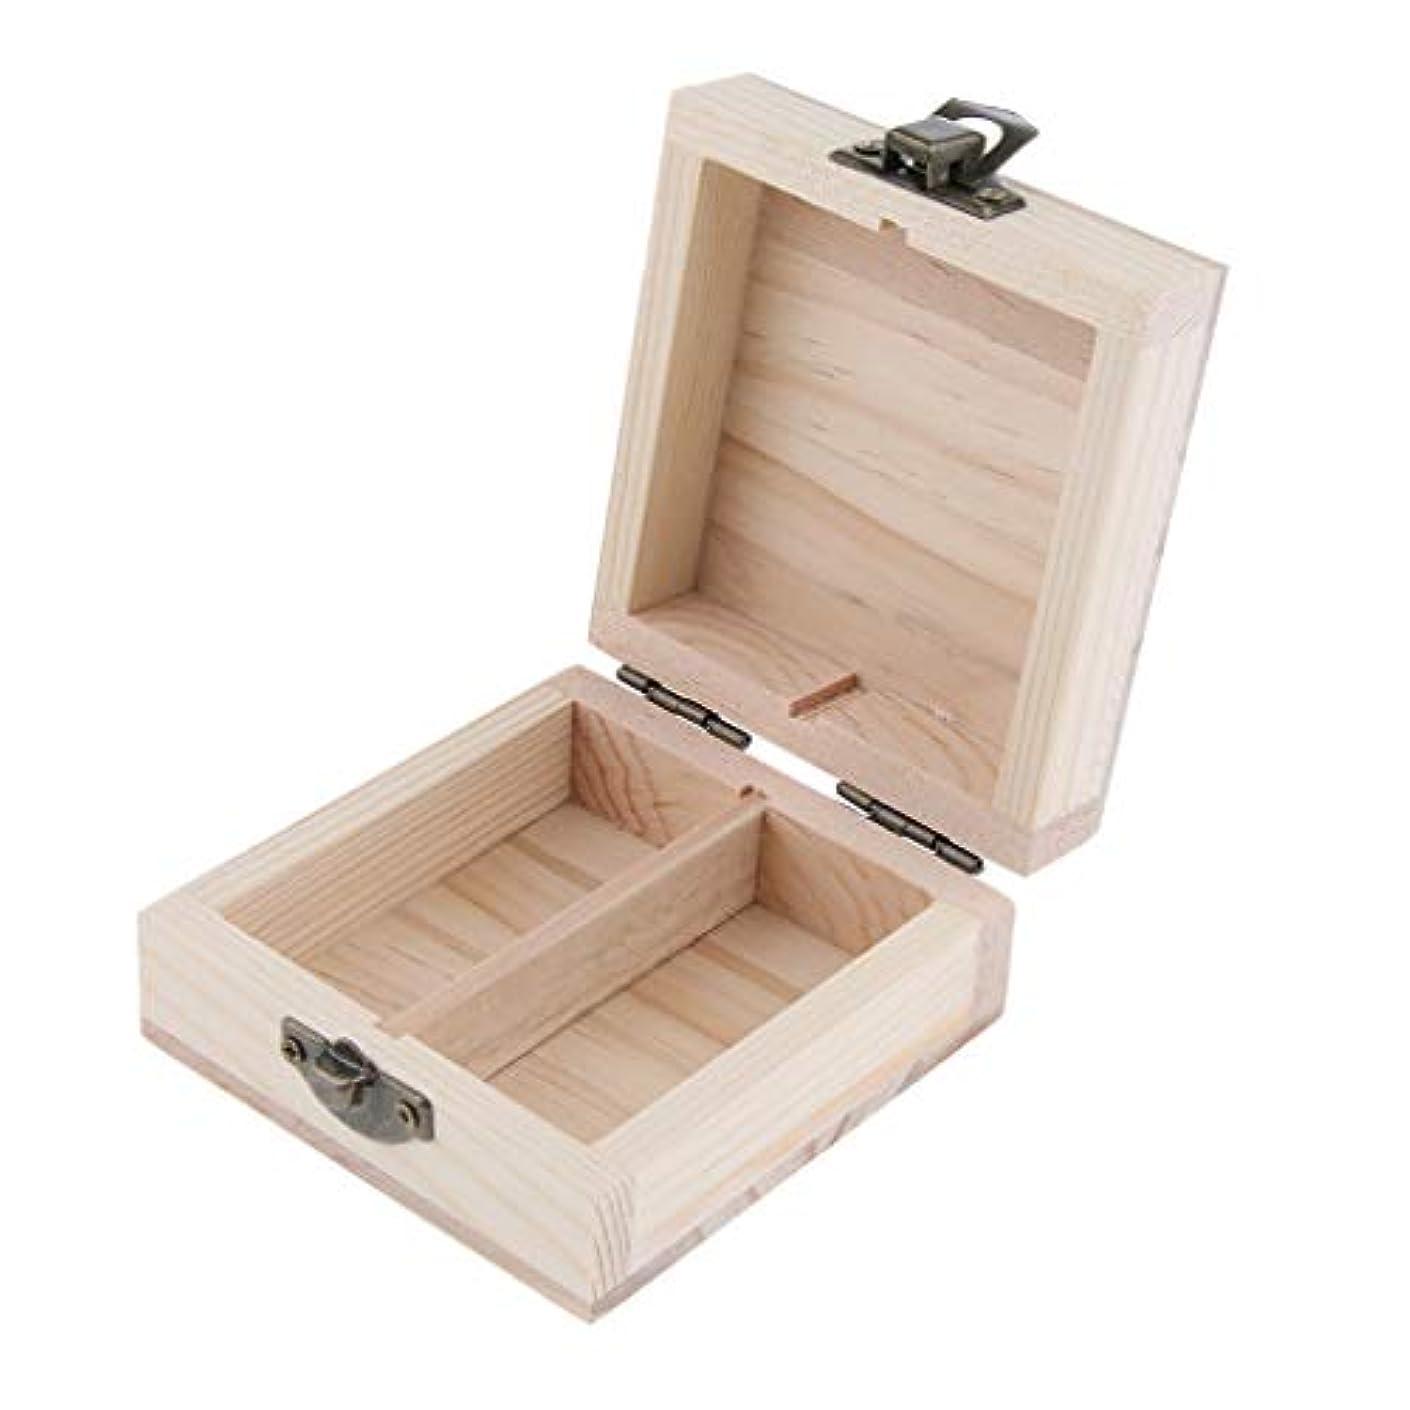 ジャグリング骨の折れる拡散するBaoblaze エッセンシャルオイルケース アロマケース 木製 2本入れ 展示用 15ミリボトル